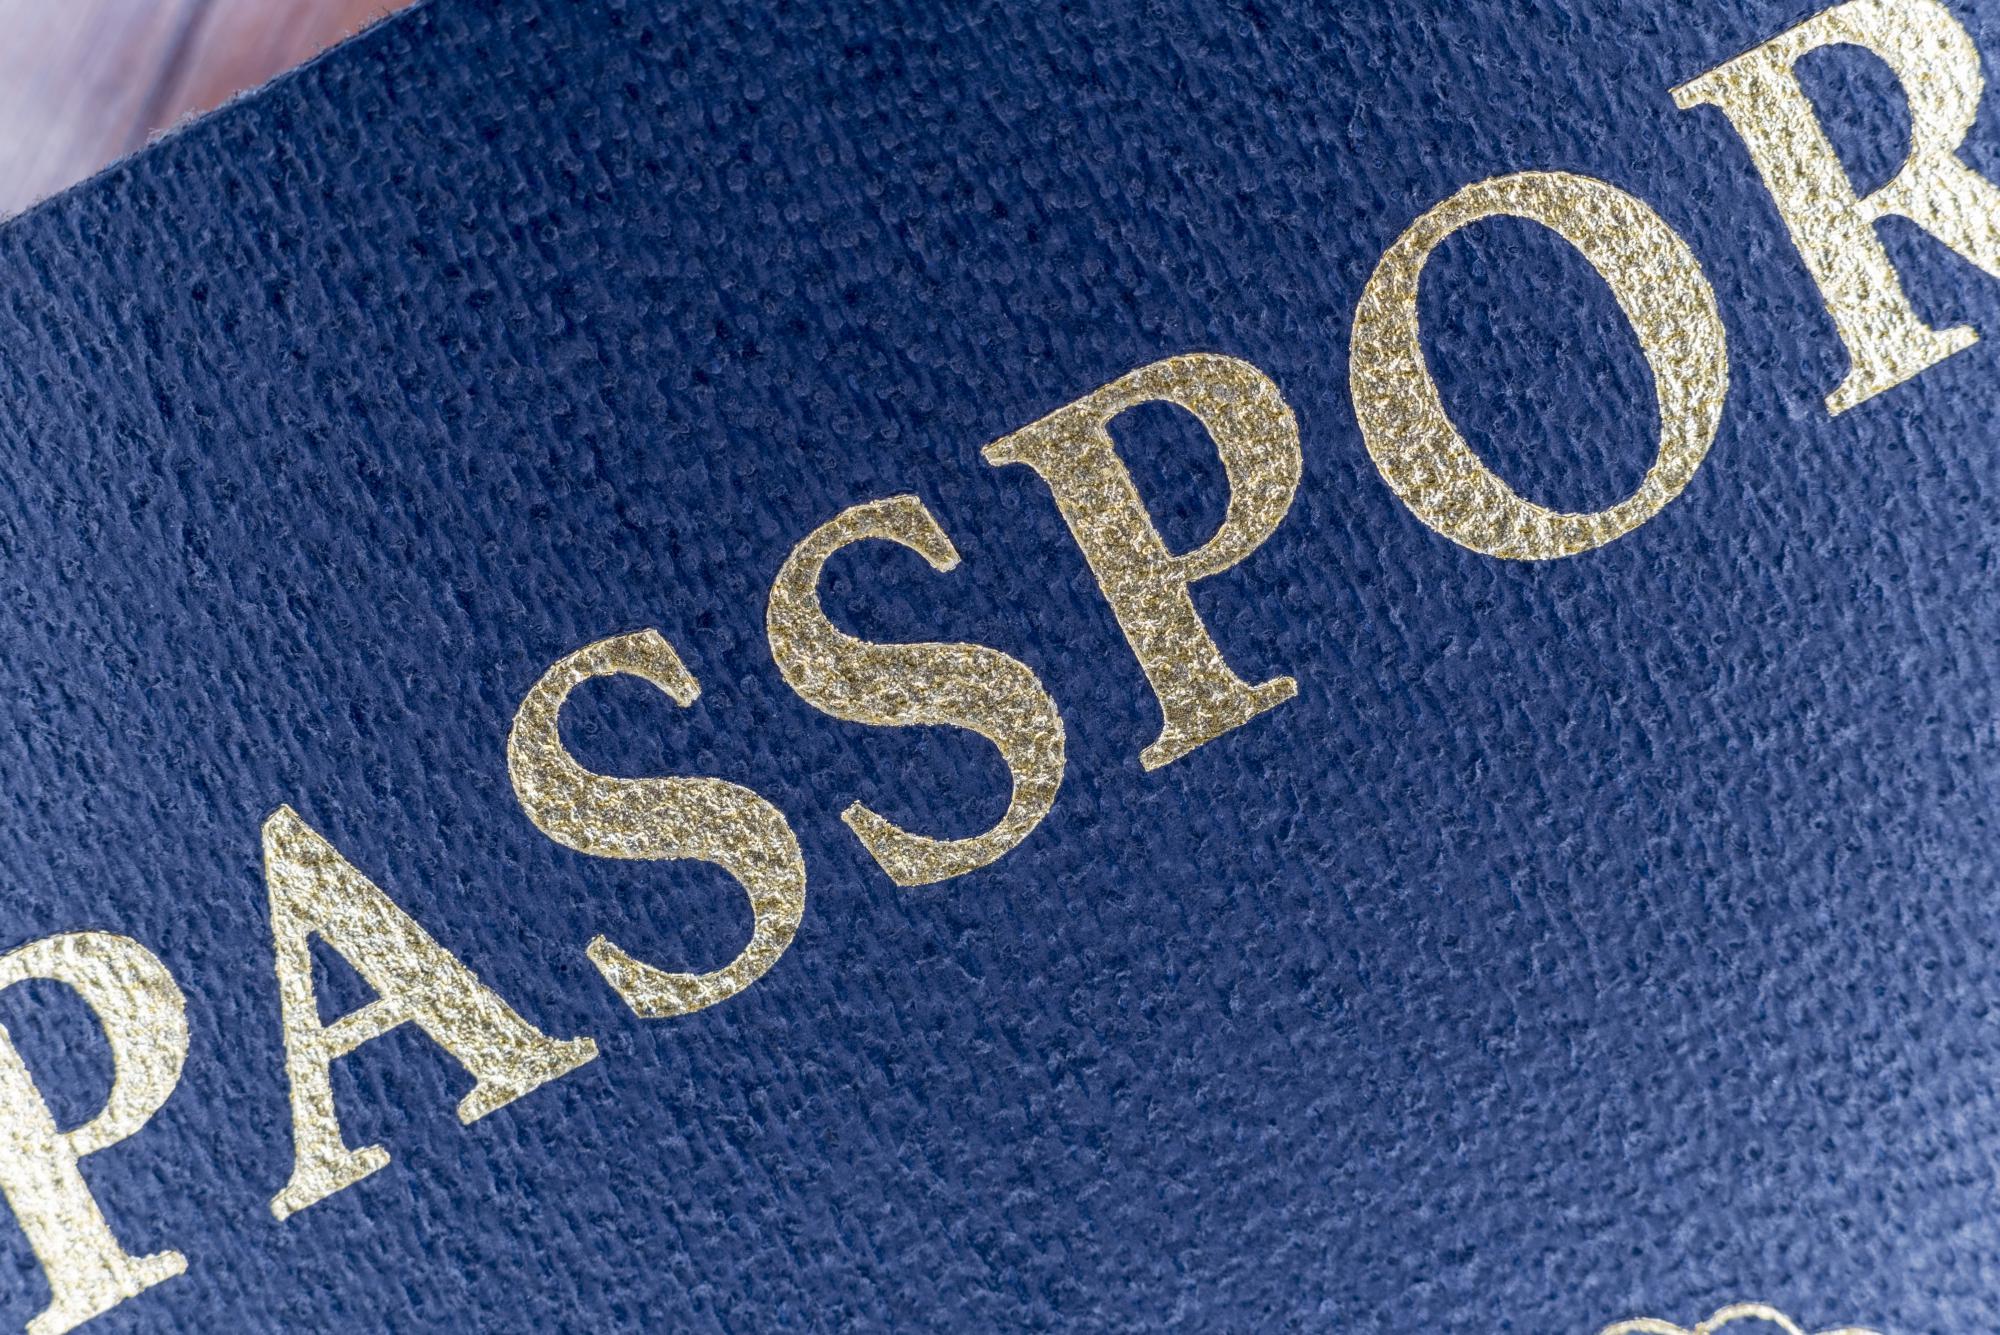 Налоговый статус нерезидента может подтвердить копия загранпаспорта